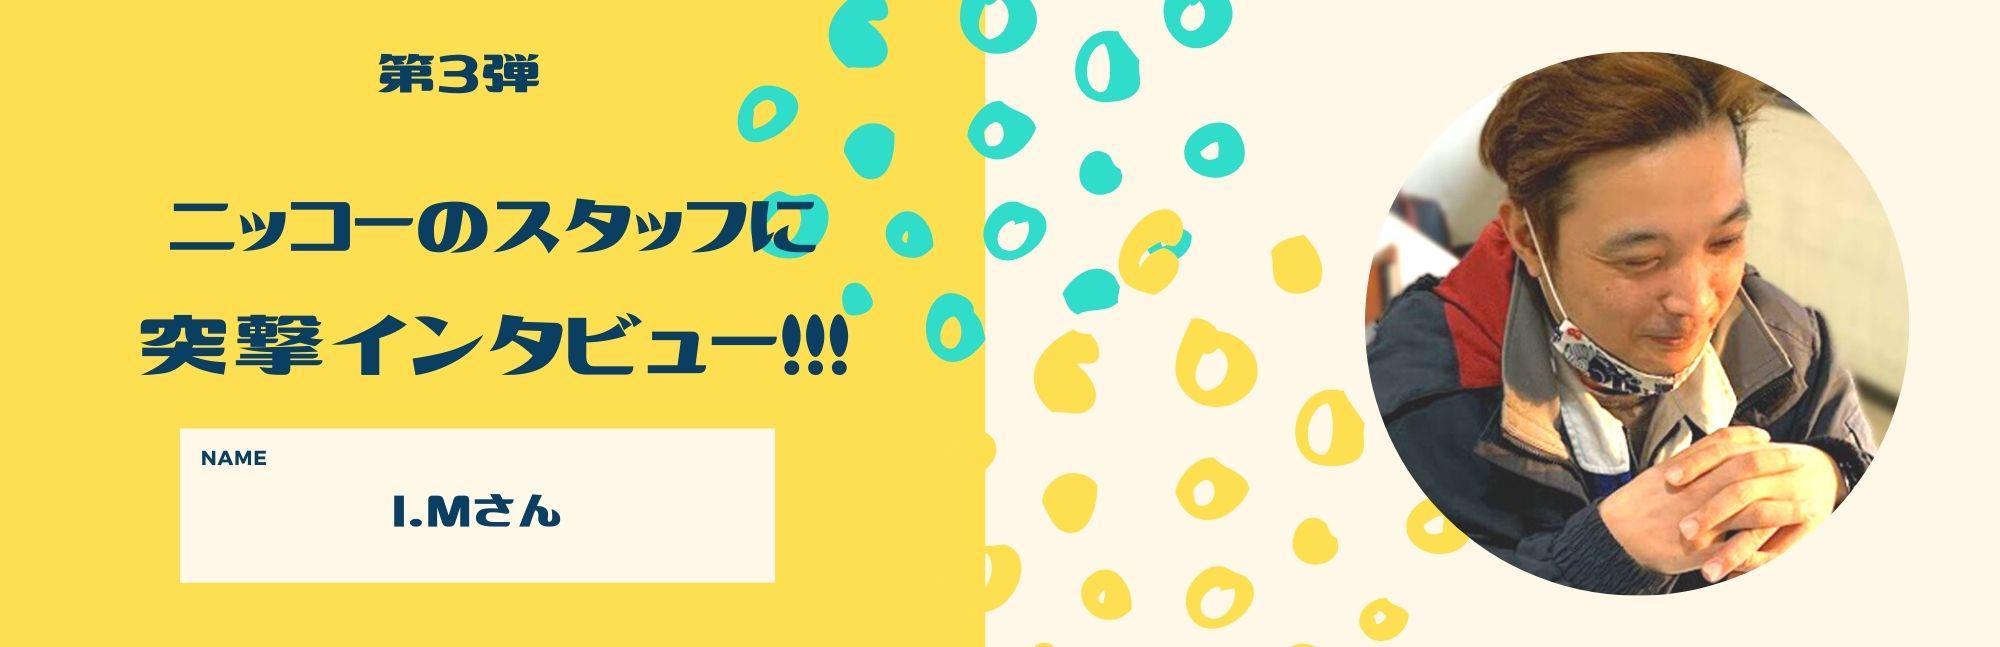 ニッコーのスタッフにインタビュー3.jpg